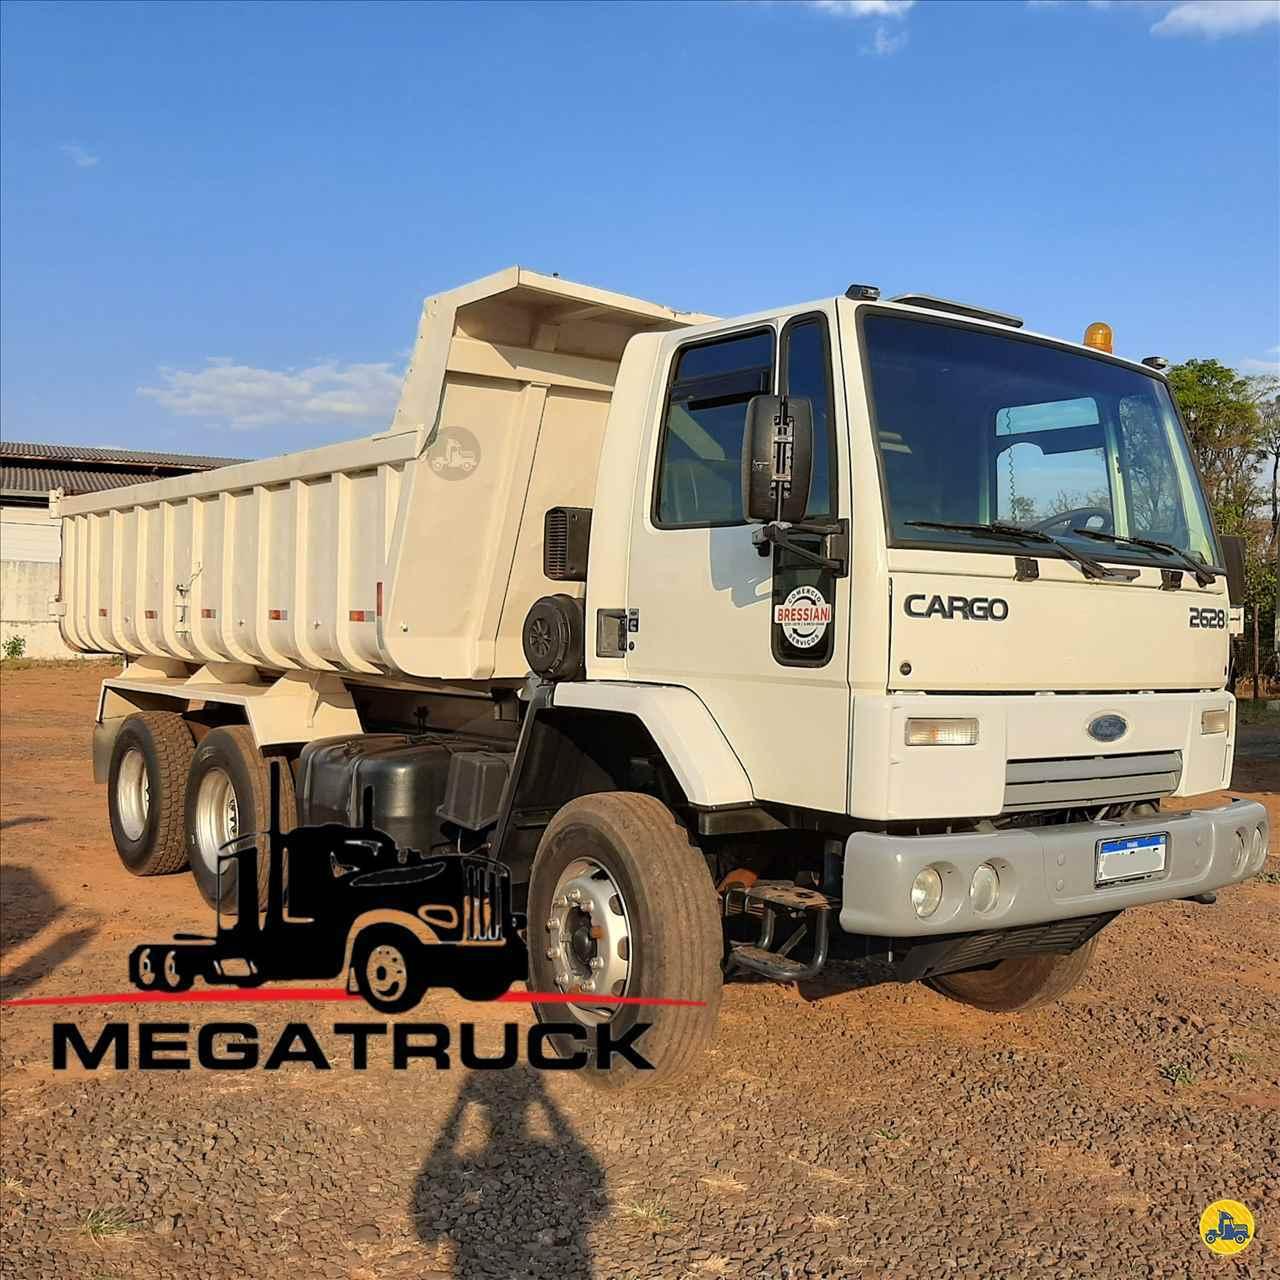 CARGO 2628 de Megatruck Caminhões e Máquinas - CAMPO GRANDE/MS